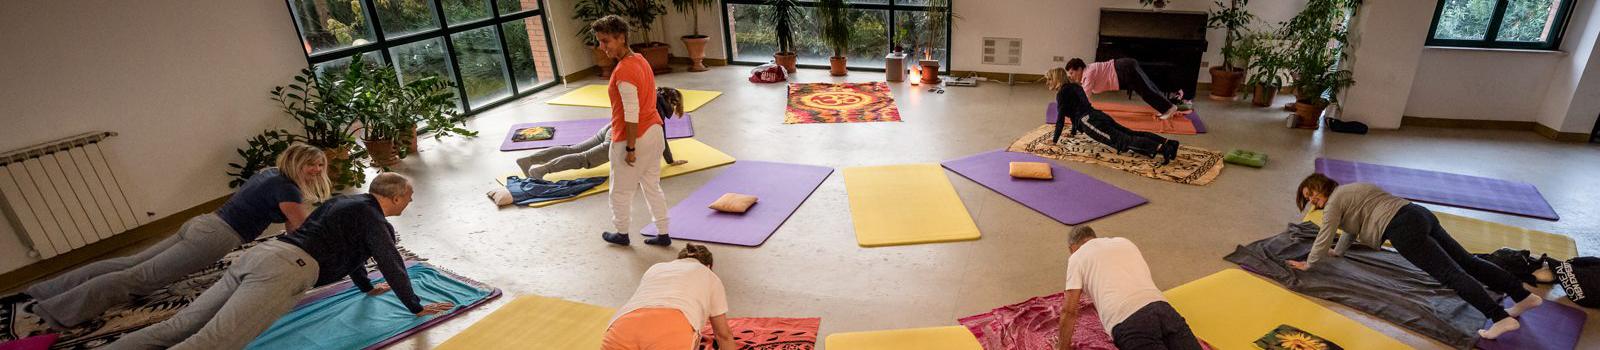 Foto lezione di yoga Aula Magna costellazioni